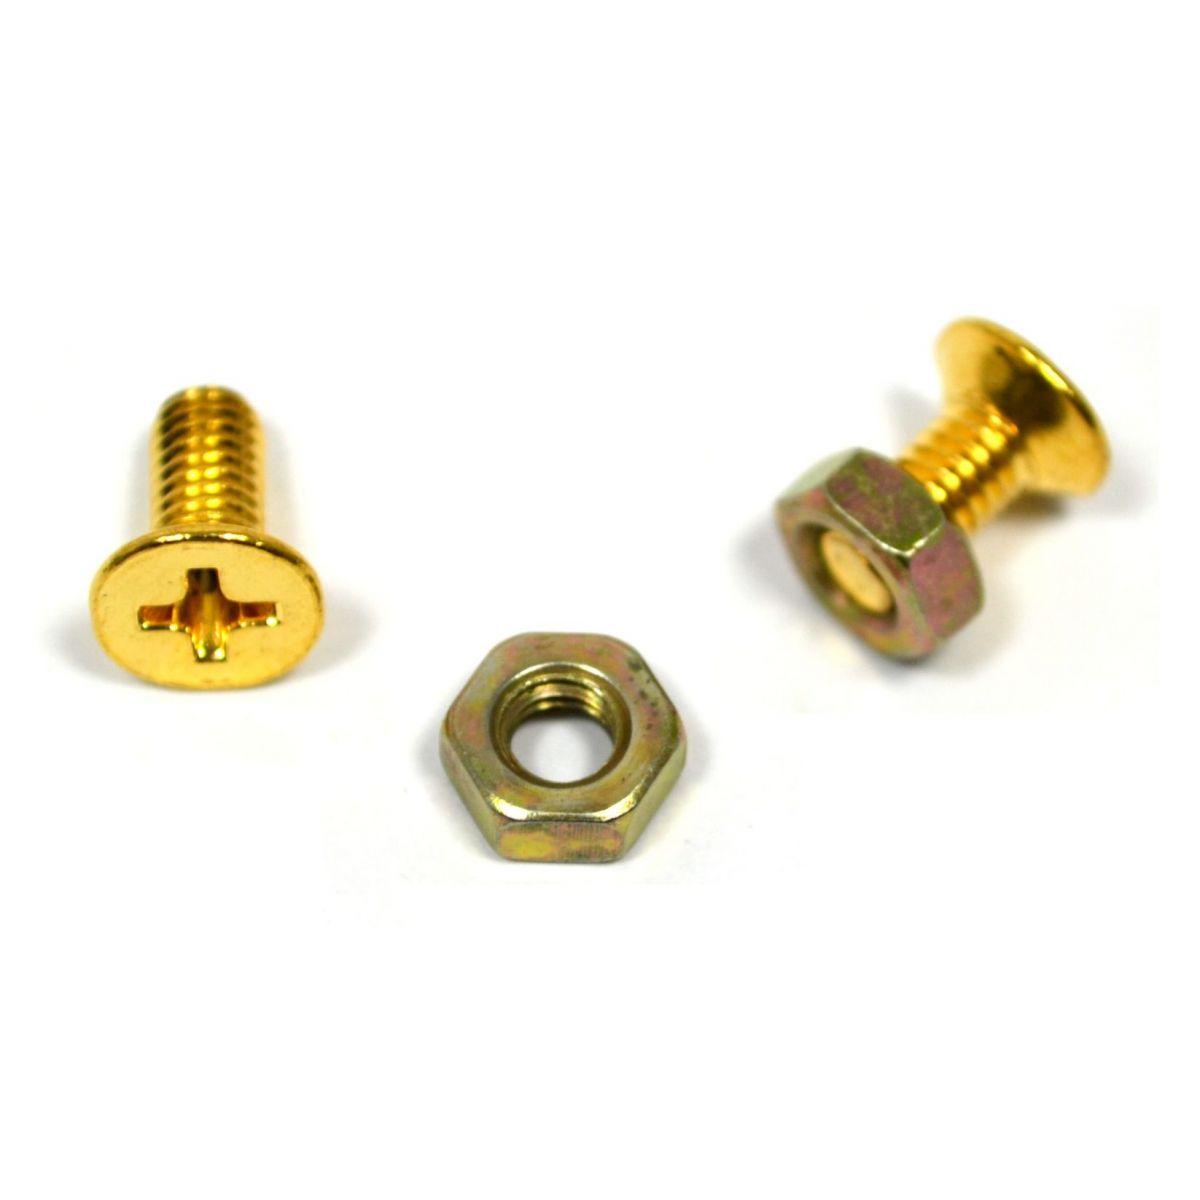 Parafuso dourado para escudo (Les Paul) (9mm x 4mm) - Kit c/ 2 peças  - Luthieria Brasil